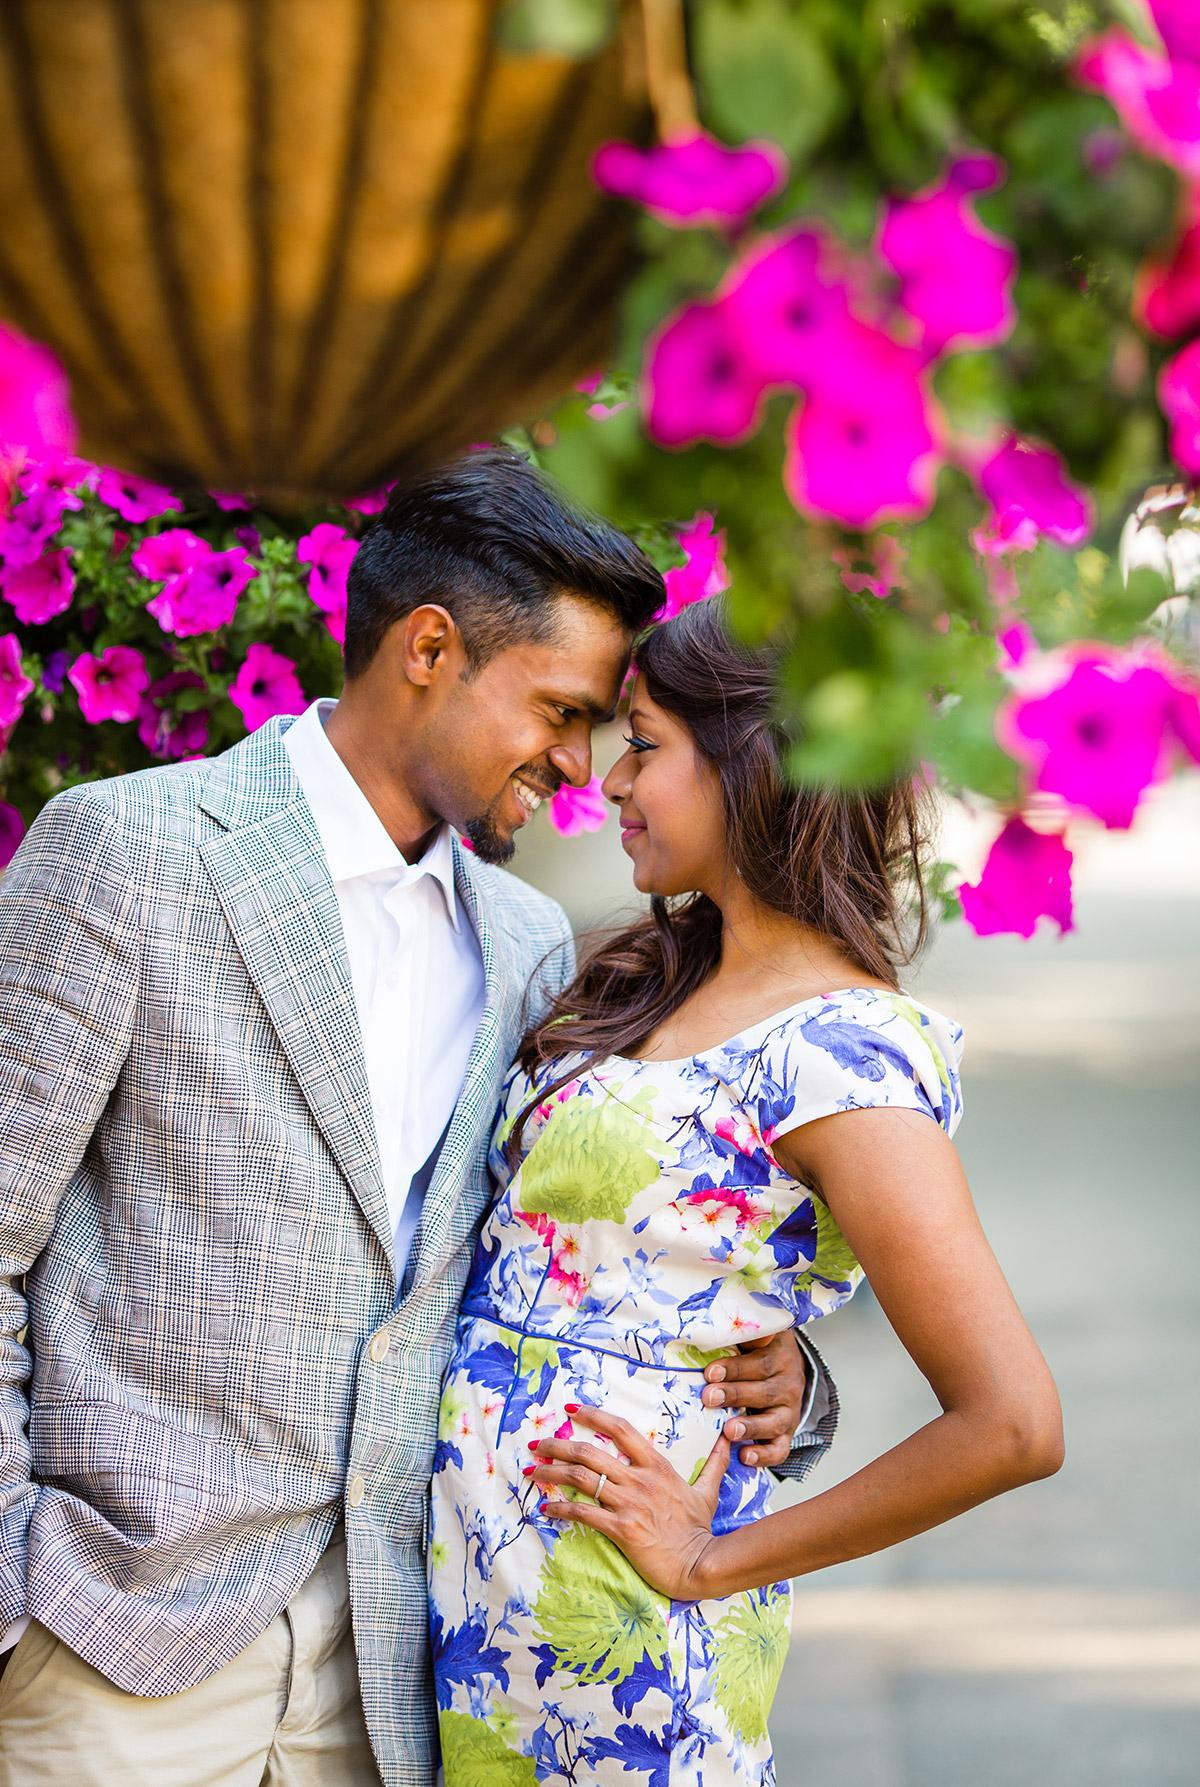 London Pre-Wedding Session - Mayooran & Shyni 2